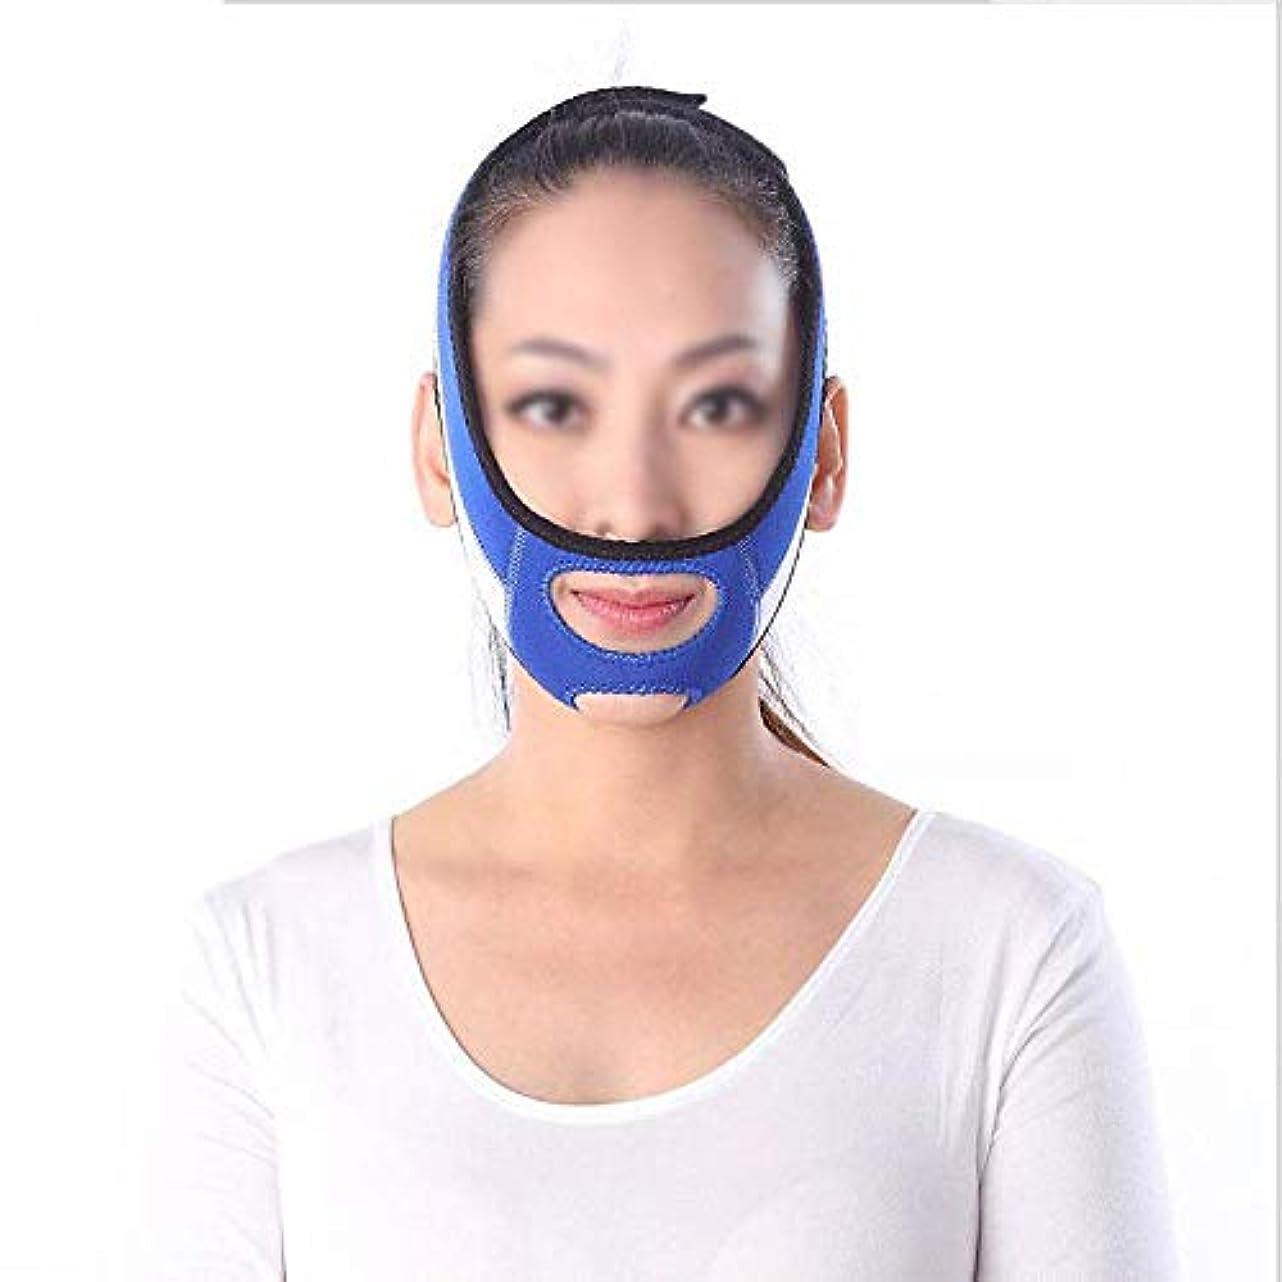 刺します隣接舌フェイスリフティングマスク、リフティングローパターン包帯ライン彫刻修復ツールフェイスリフティングアーティファクト引き締め肌スモールVフェイスバンド